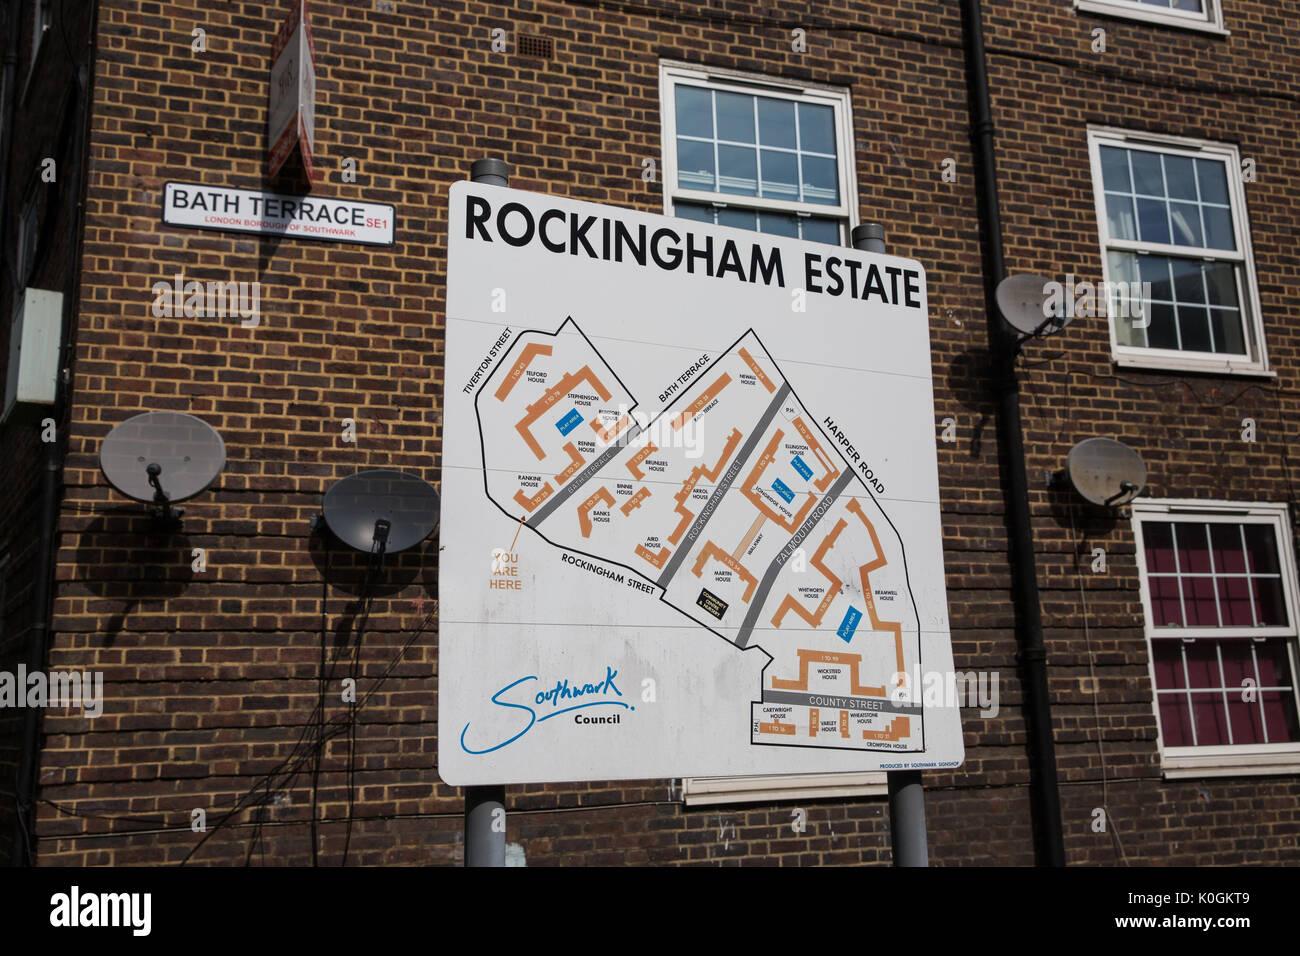 Londres, Reino Unido. El 14 de agosto de 2017. Una señal indicando el Rockingham Estate en Southwark. El Rockingham Foto de stock